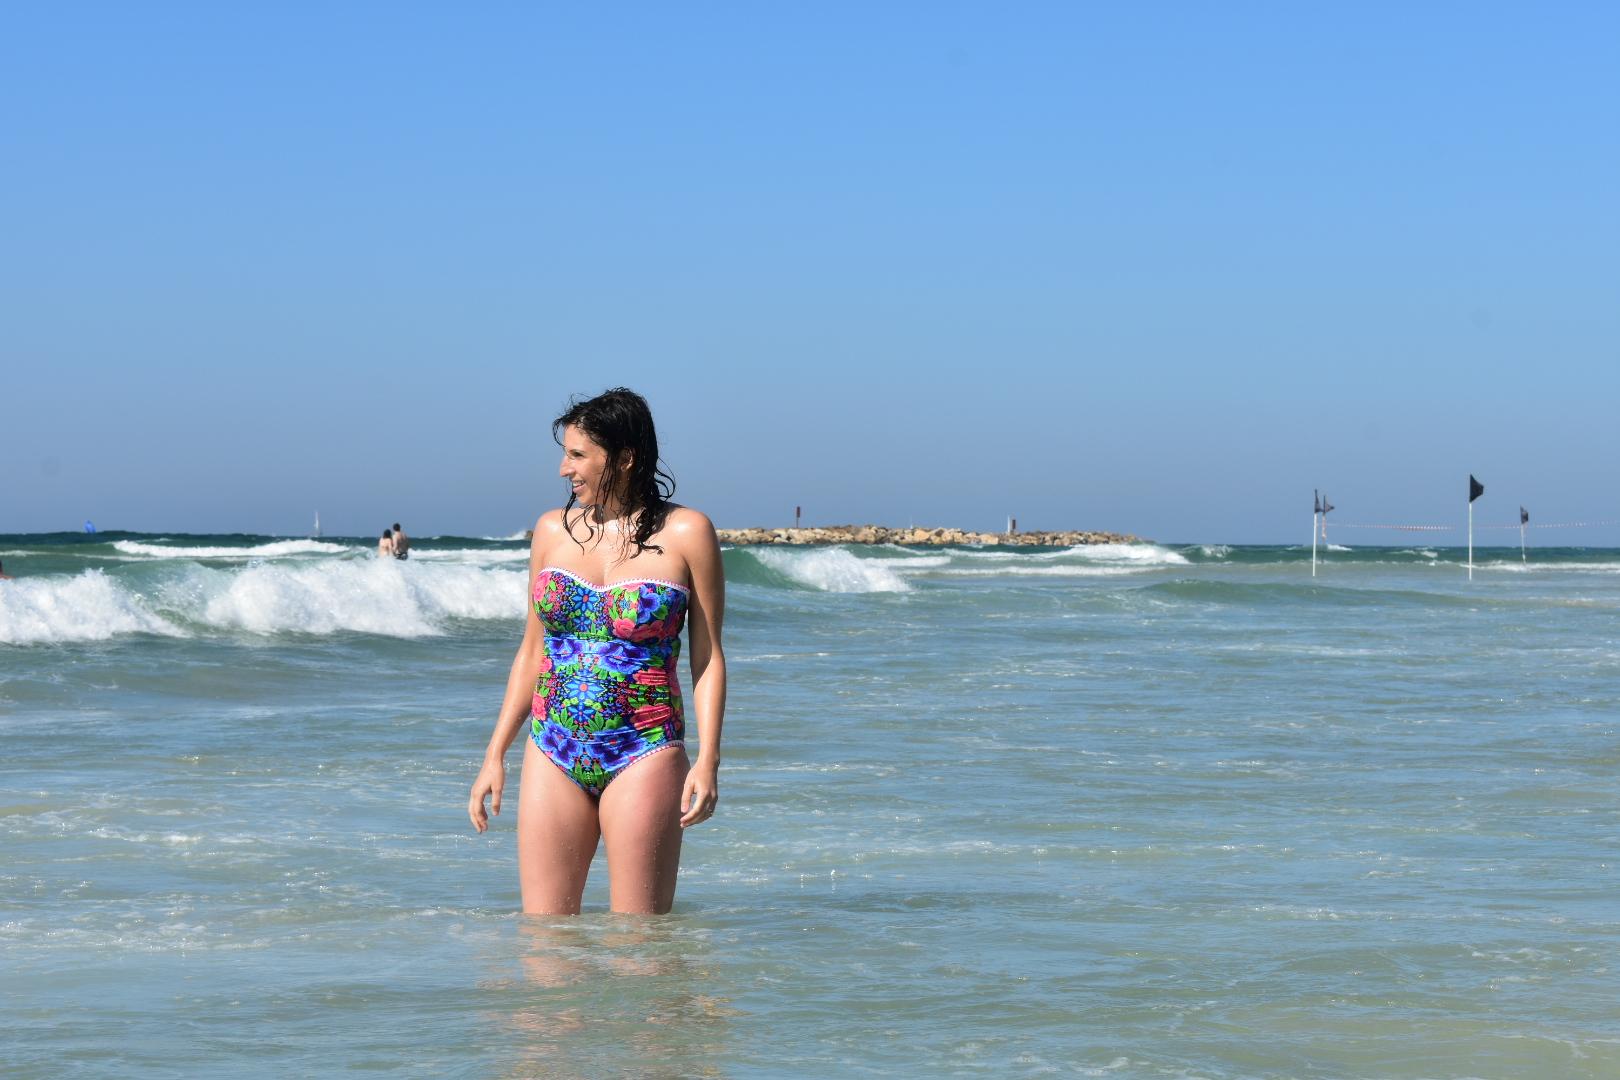 beaches-of-tel-aviv-mediterranean-beaches